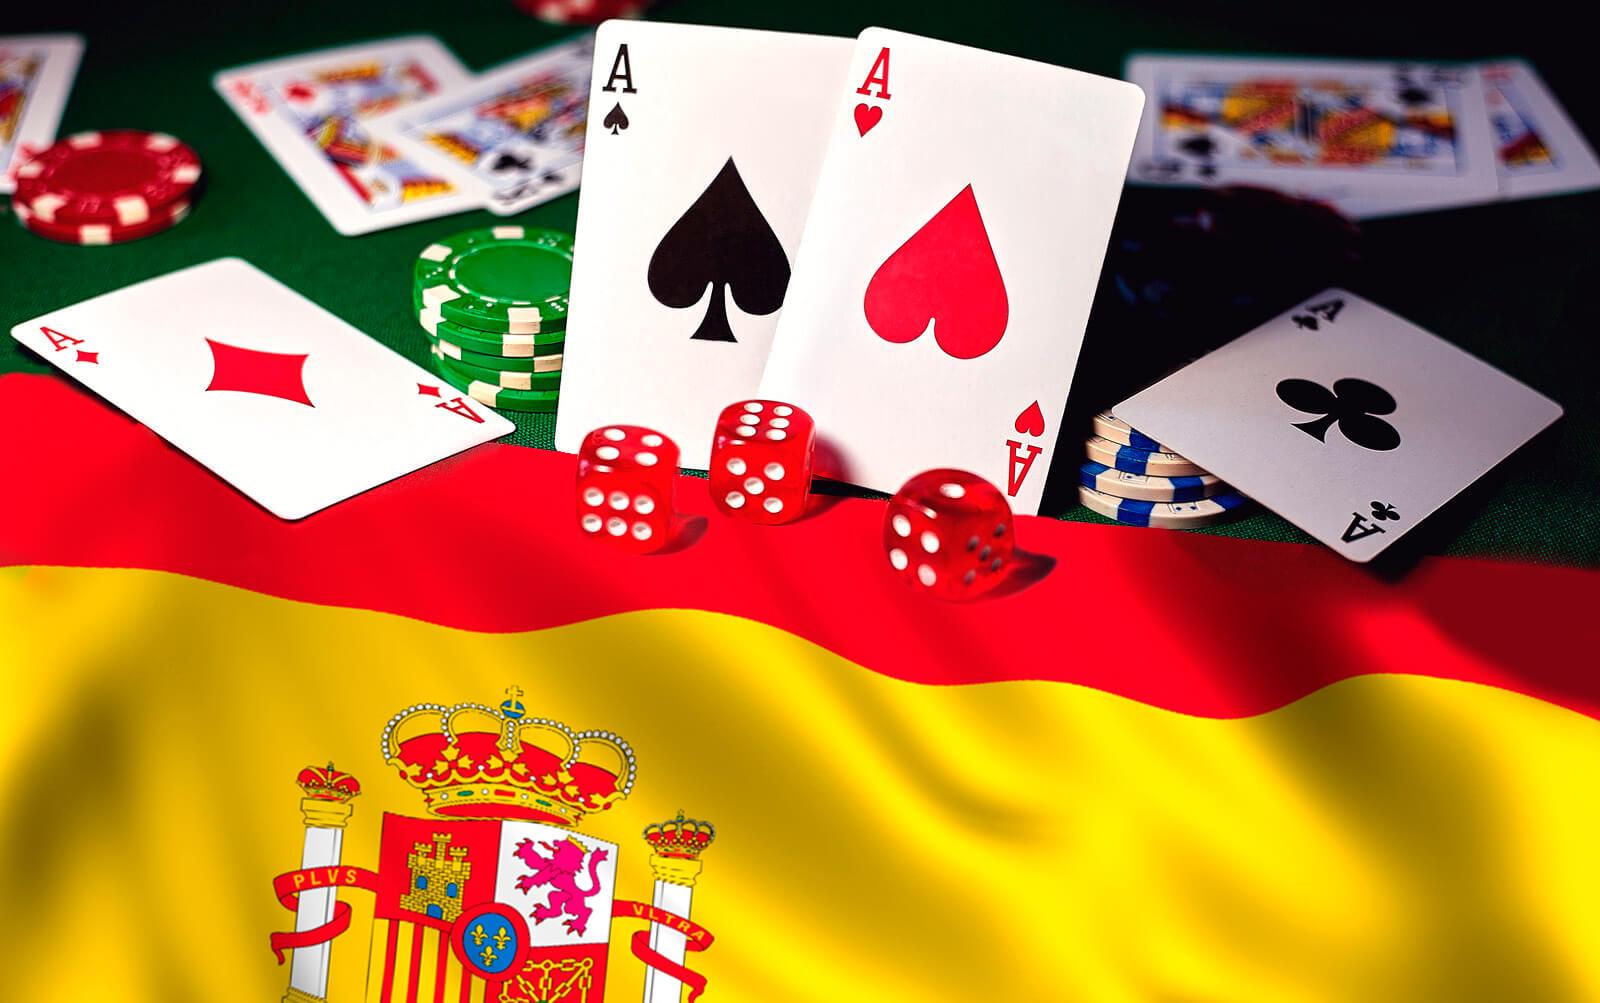 Juegos de casinos online legales en España